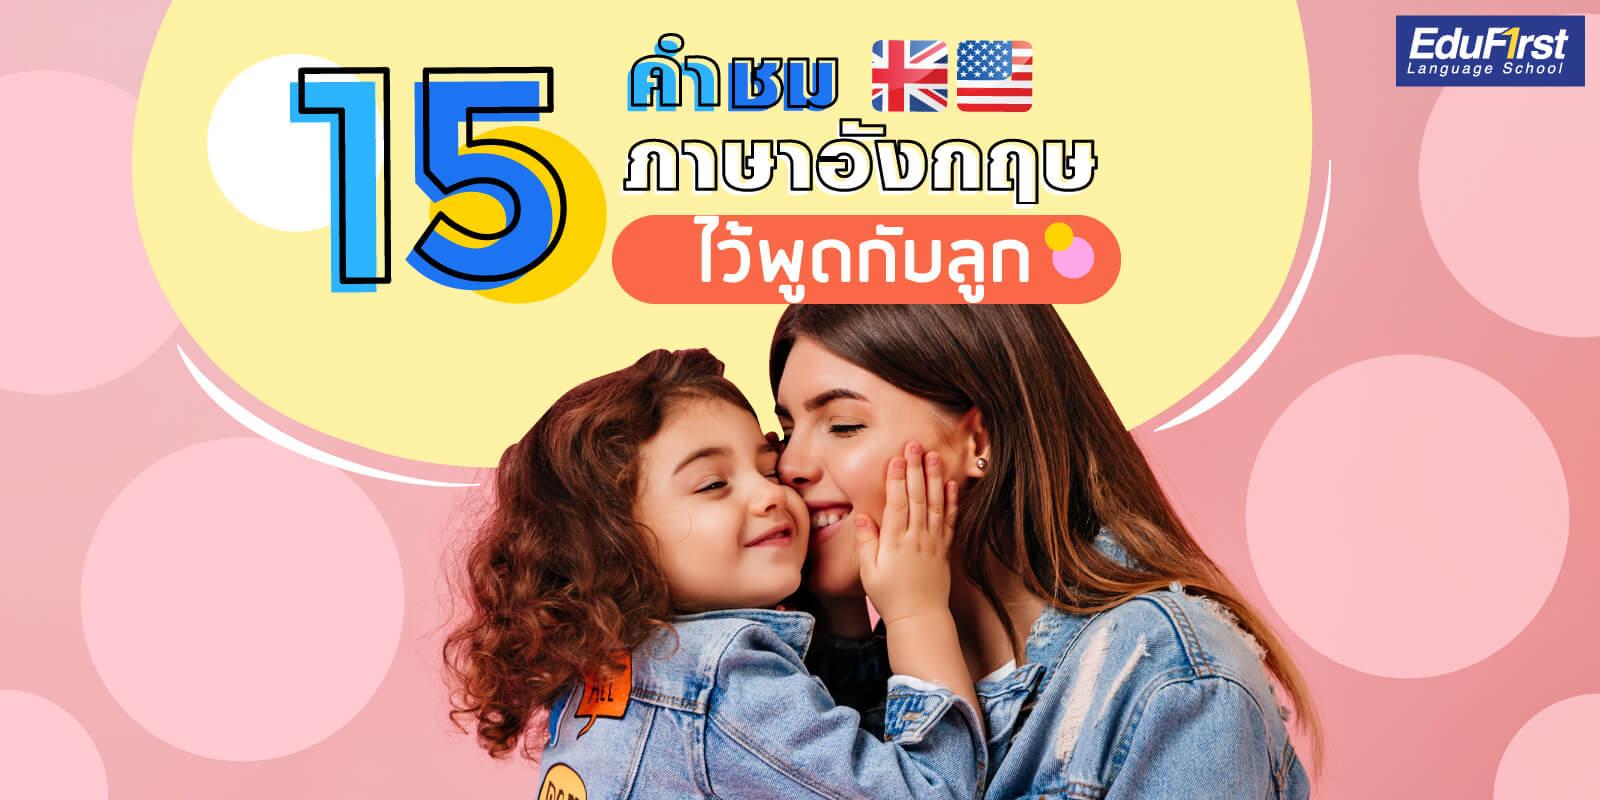 15 คำชื่นชมภาษาอังกฤษ ประโยคชื่นชมภาษาอังกฤษ ไว้พูดกับลูก